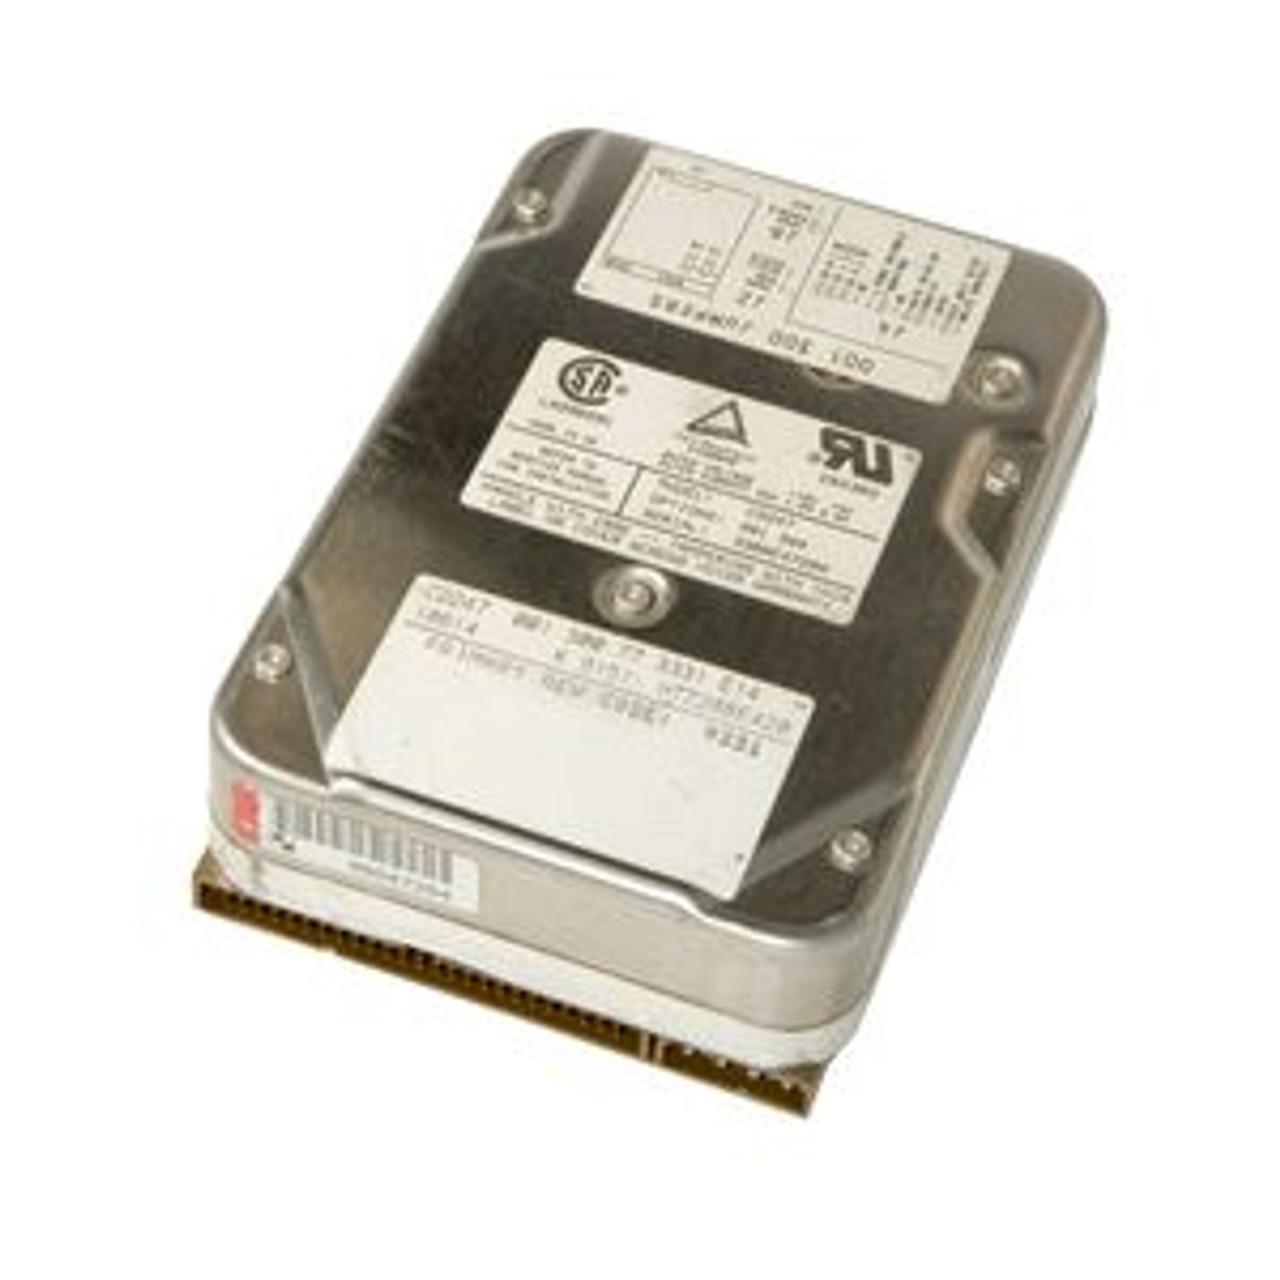 """HP C2247 Compaq 1GB 10K Ultra160 SCSI 3.5"""" 50-Pin HDD Hard Disk Drive"""